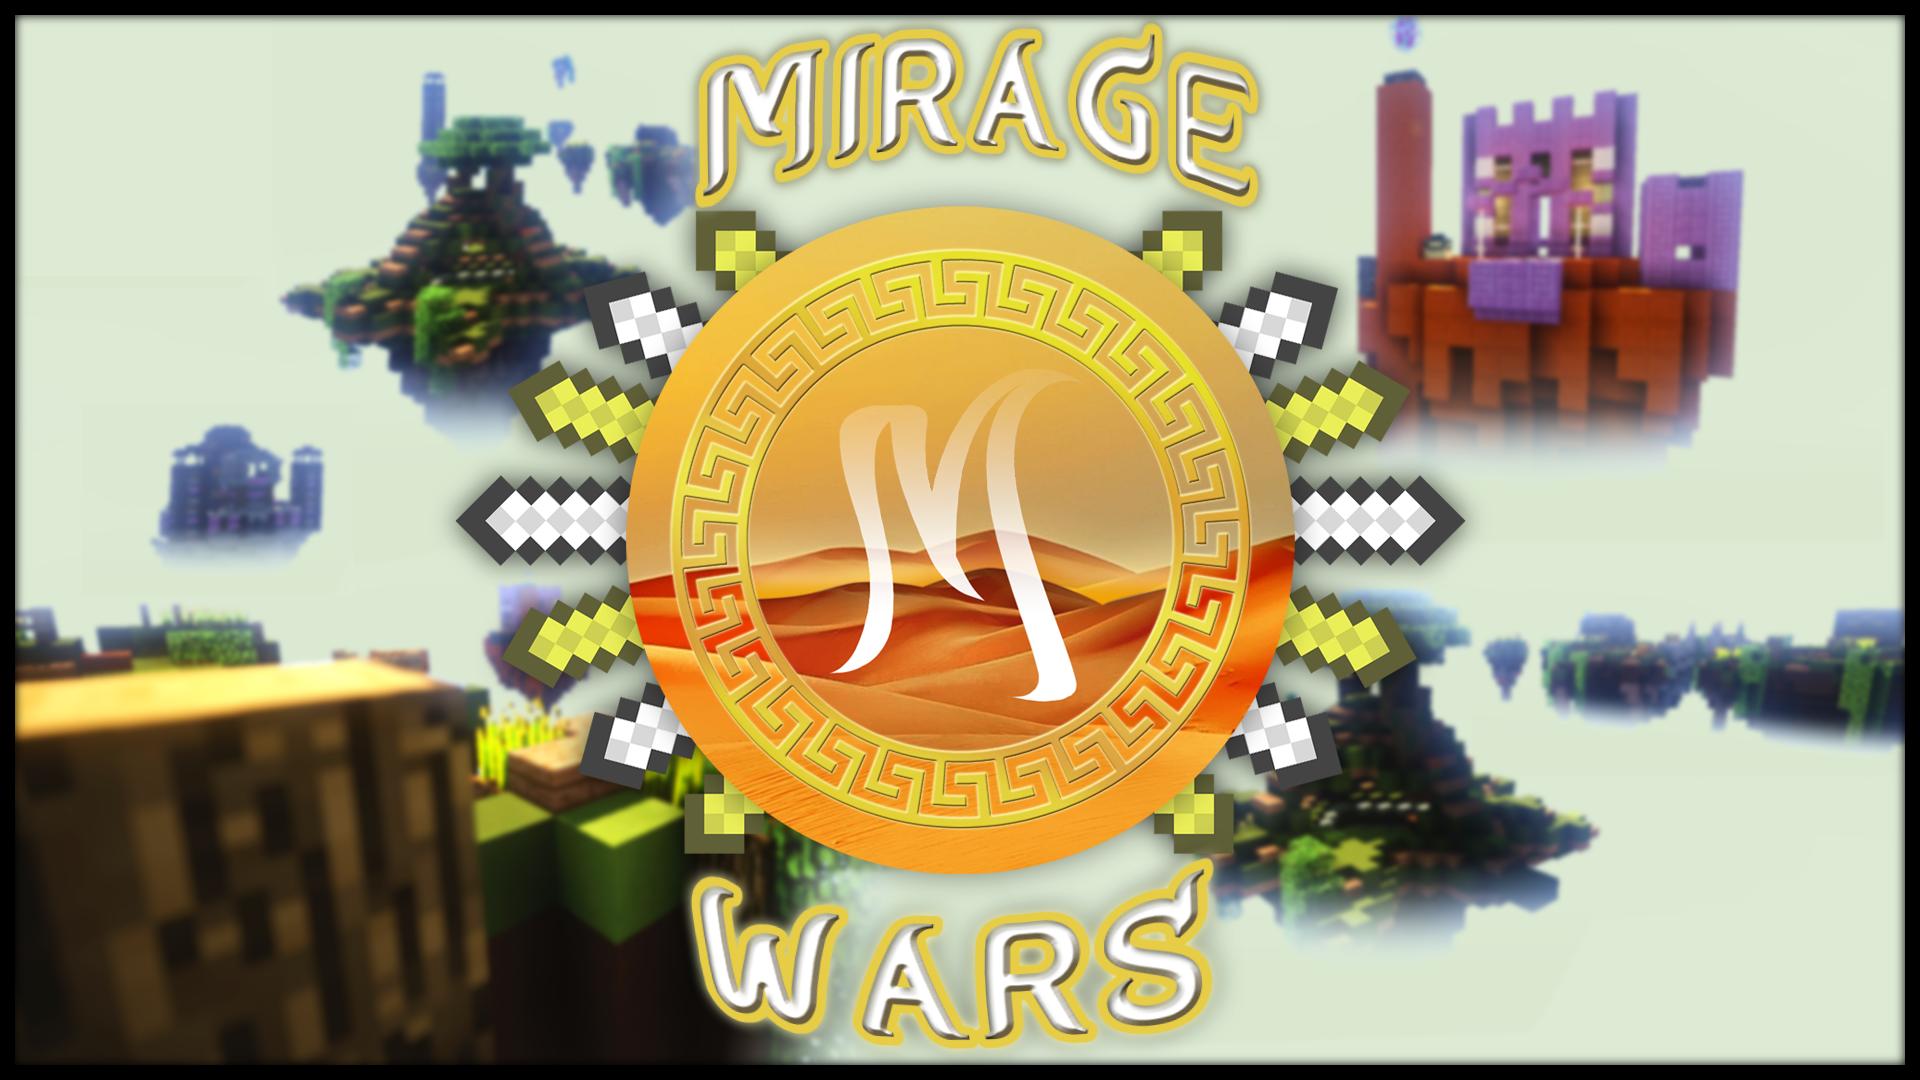 Mirage Wars